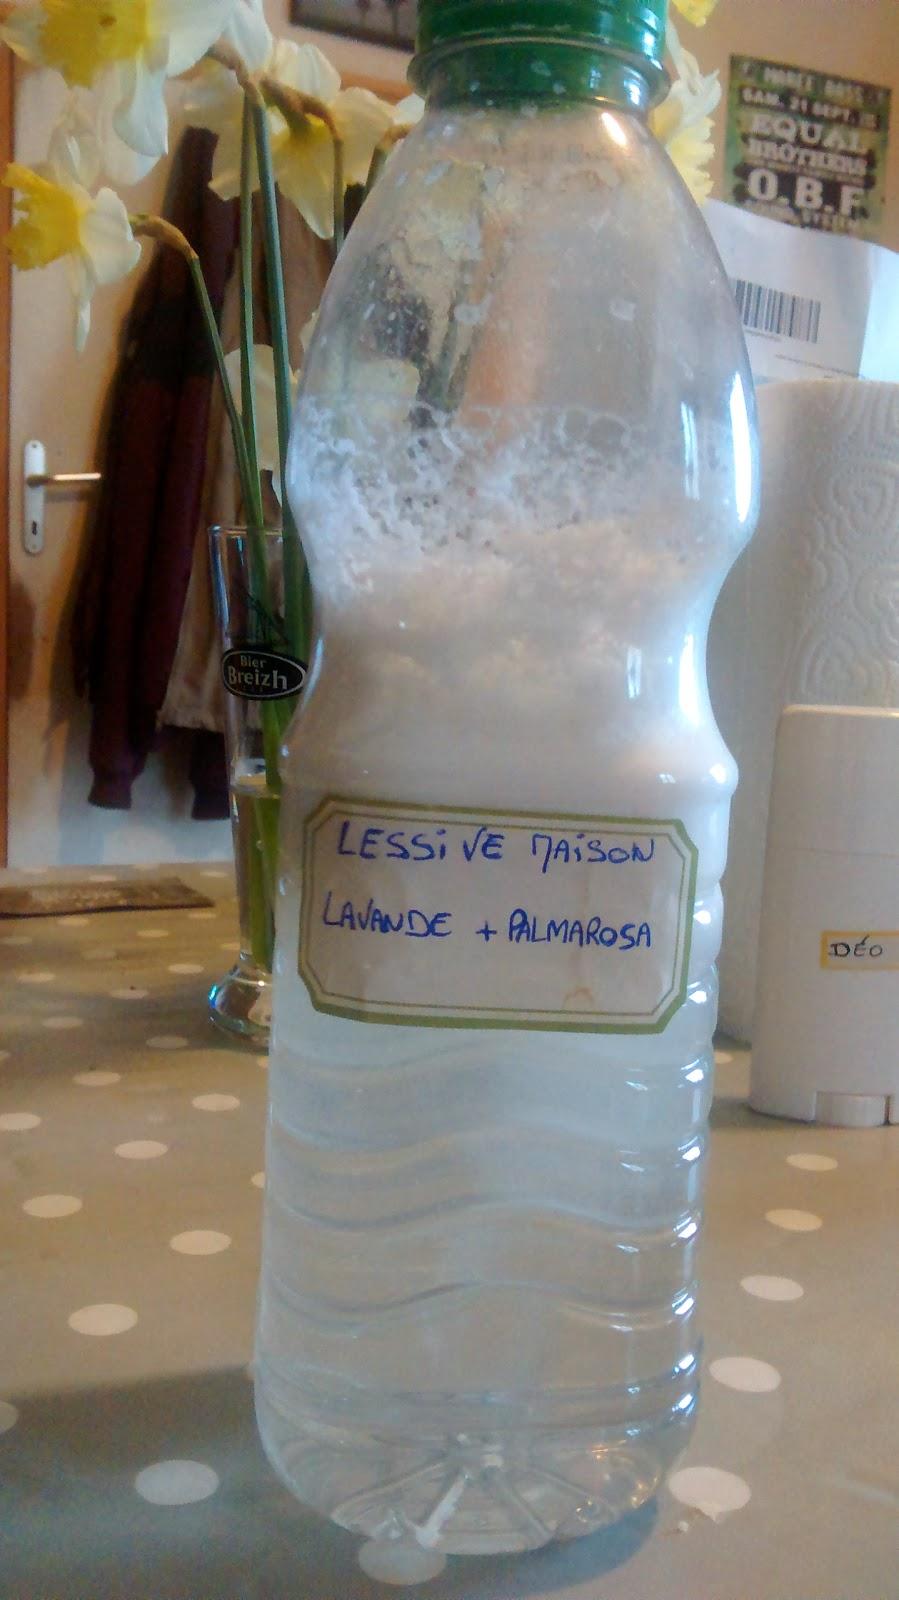 Les tambouilles d 39 orlane ma lessive maison - Lessive maison quelle huile essentielle ...